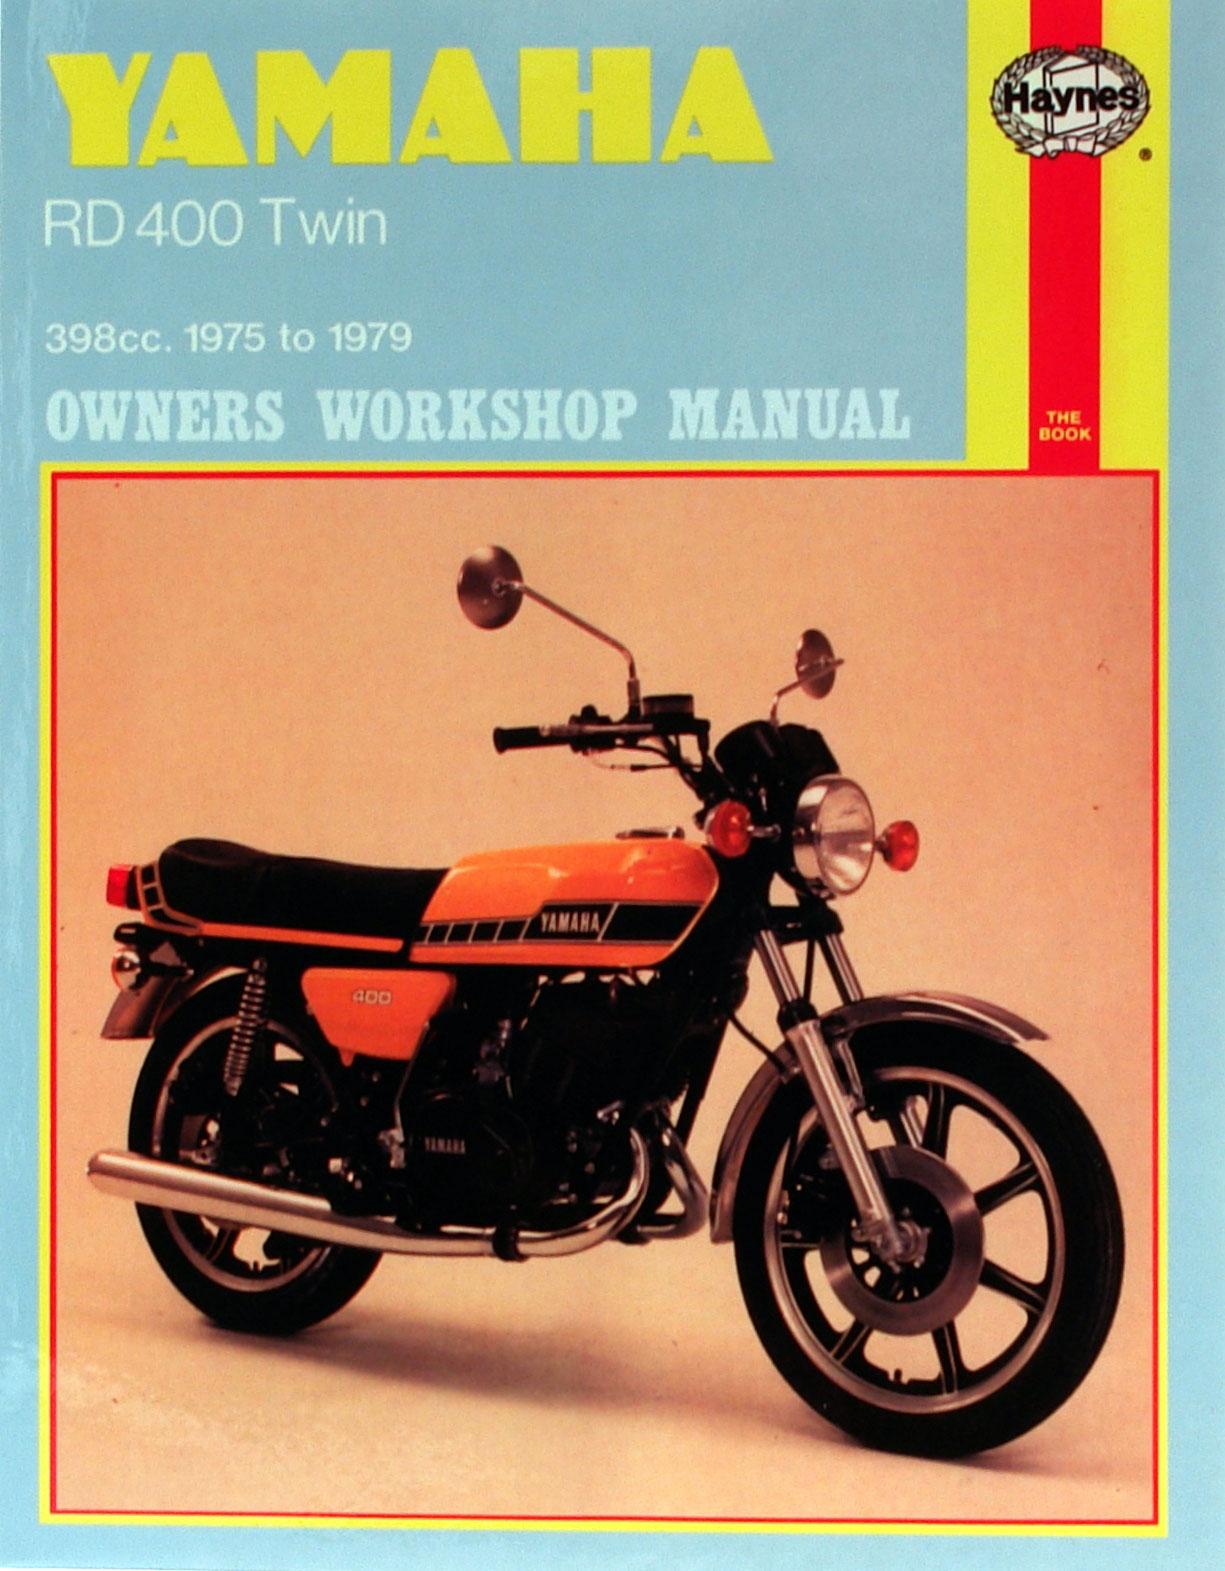 HAYNES Repair Manual - Yamaha RD400 Twin 398cc models (1975-1979)